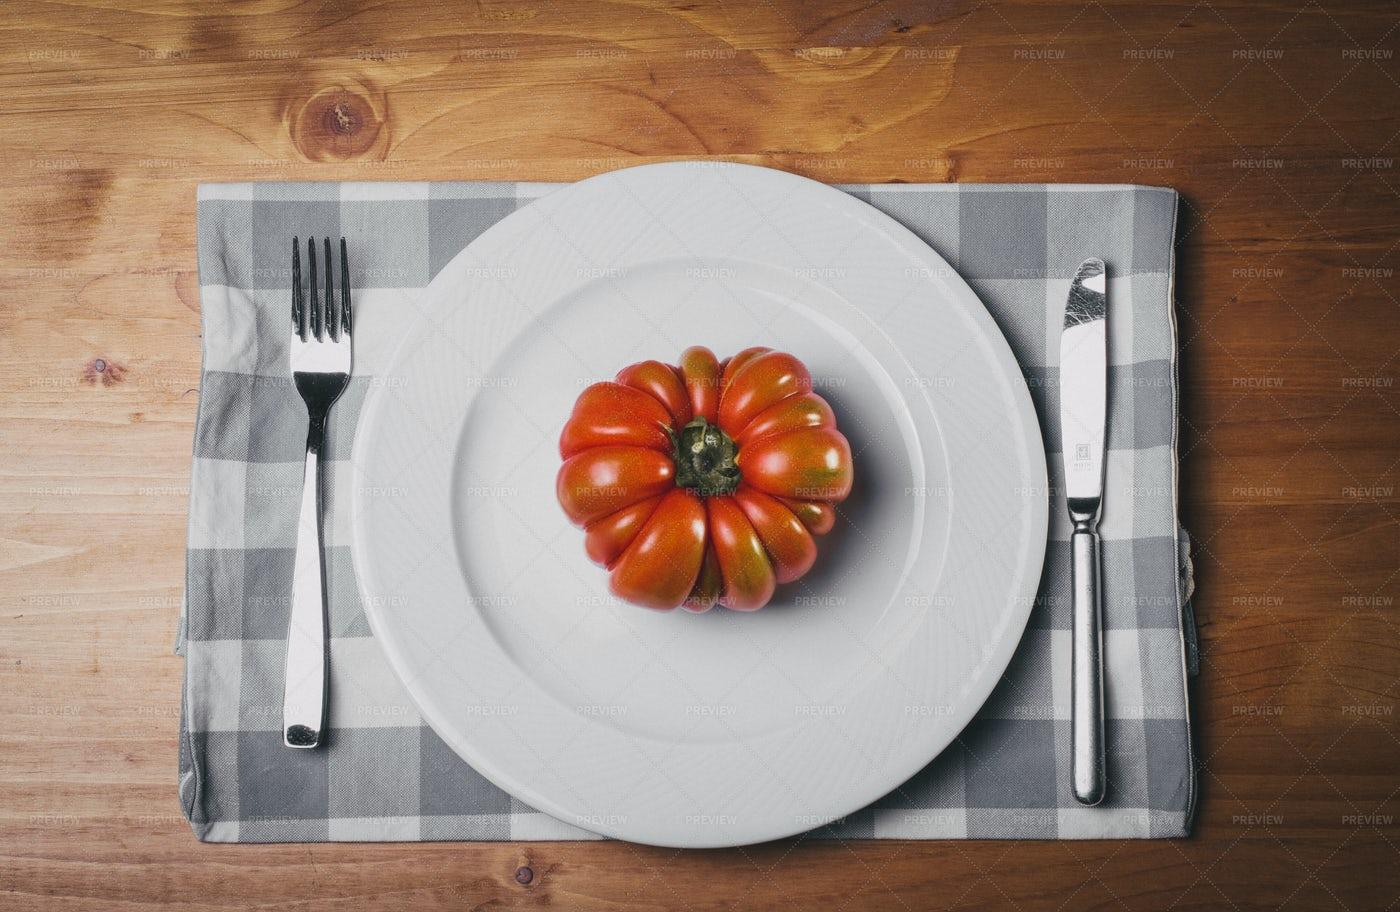 Tomato On White Plate: Stock Photos